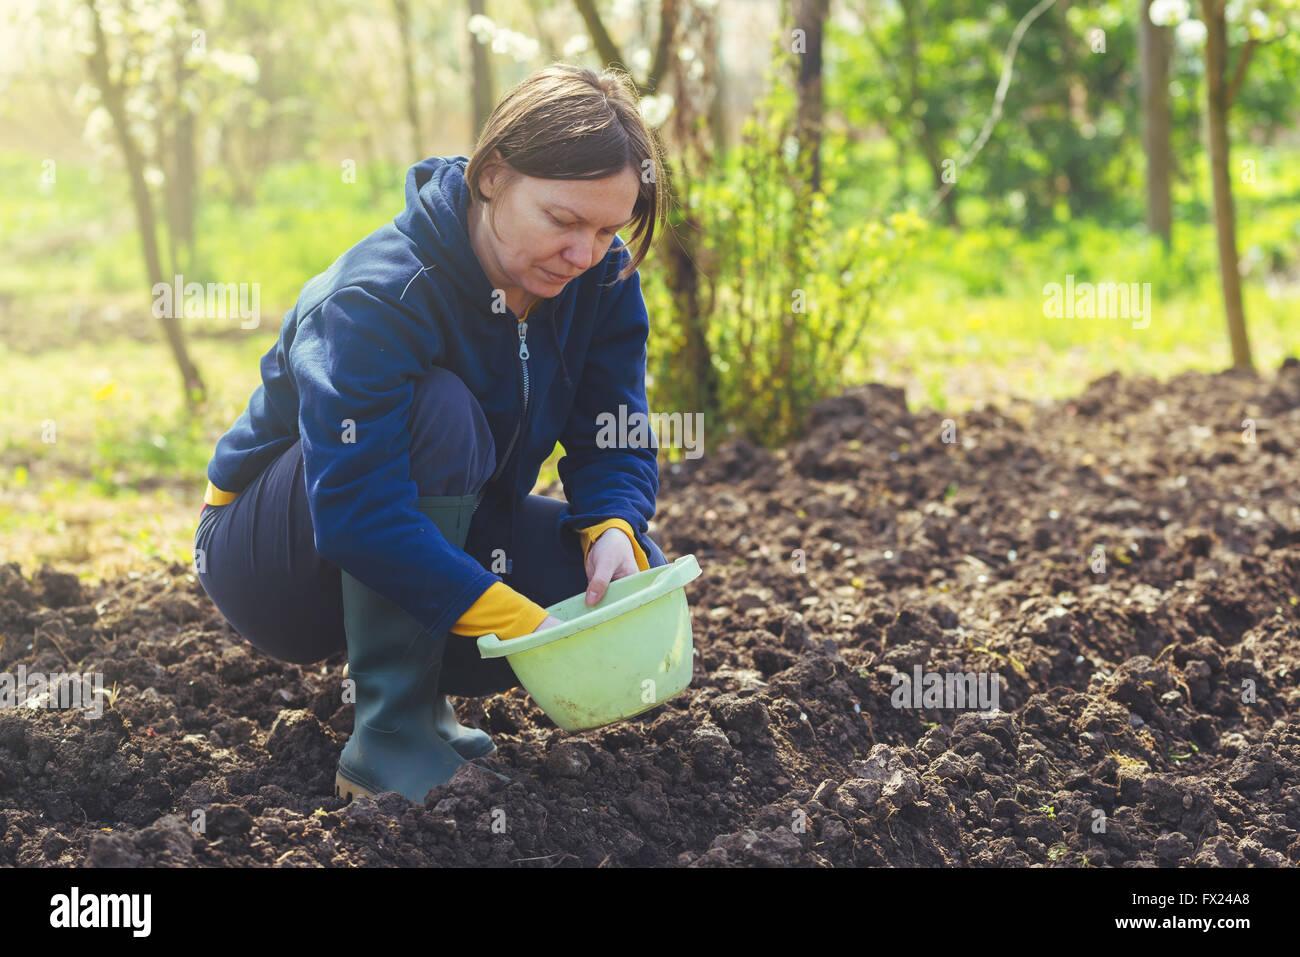 Frau seeding Zwiebeln in Bio-Gemüsegarten, junge Erwachsene weibliche Pflanzen Samen in den Ackerboden. Stockbild